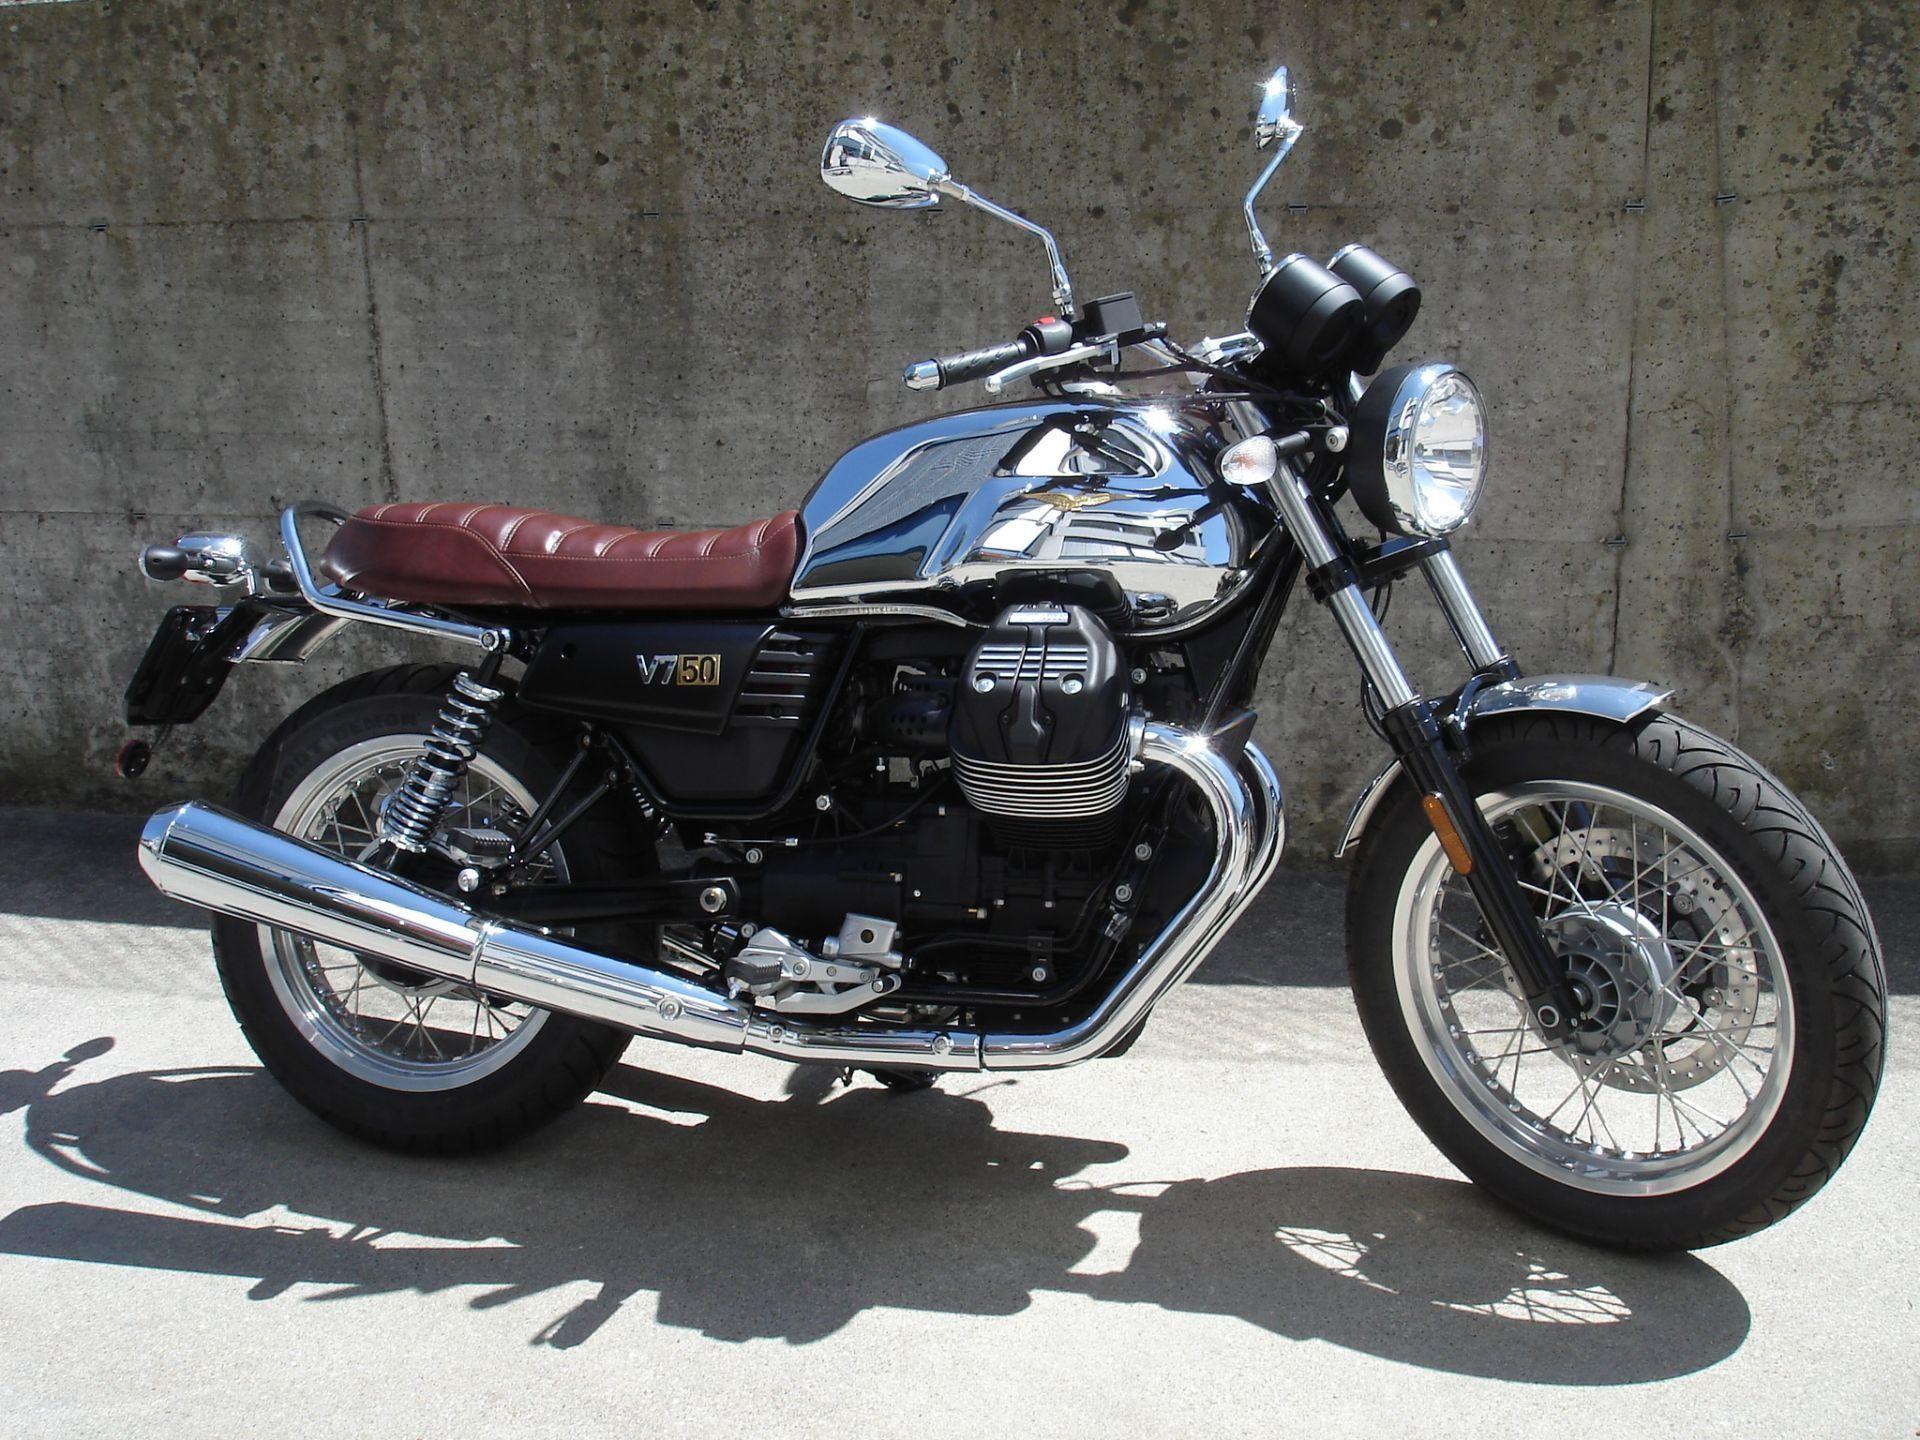 motorrad occasion schweiz moto kaufen verkaufen. Black Bedroom Furniture Sets. Home Design Ideas